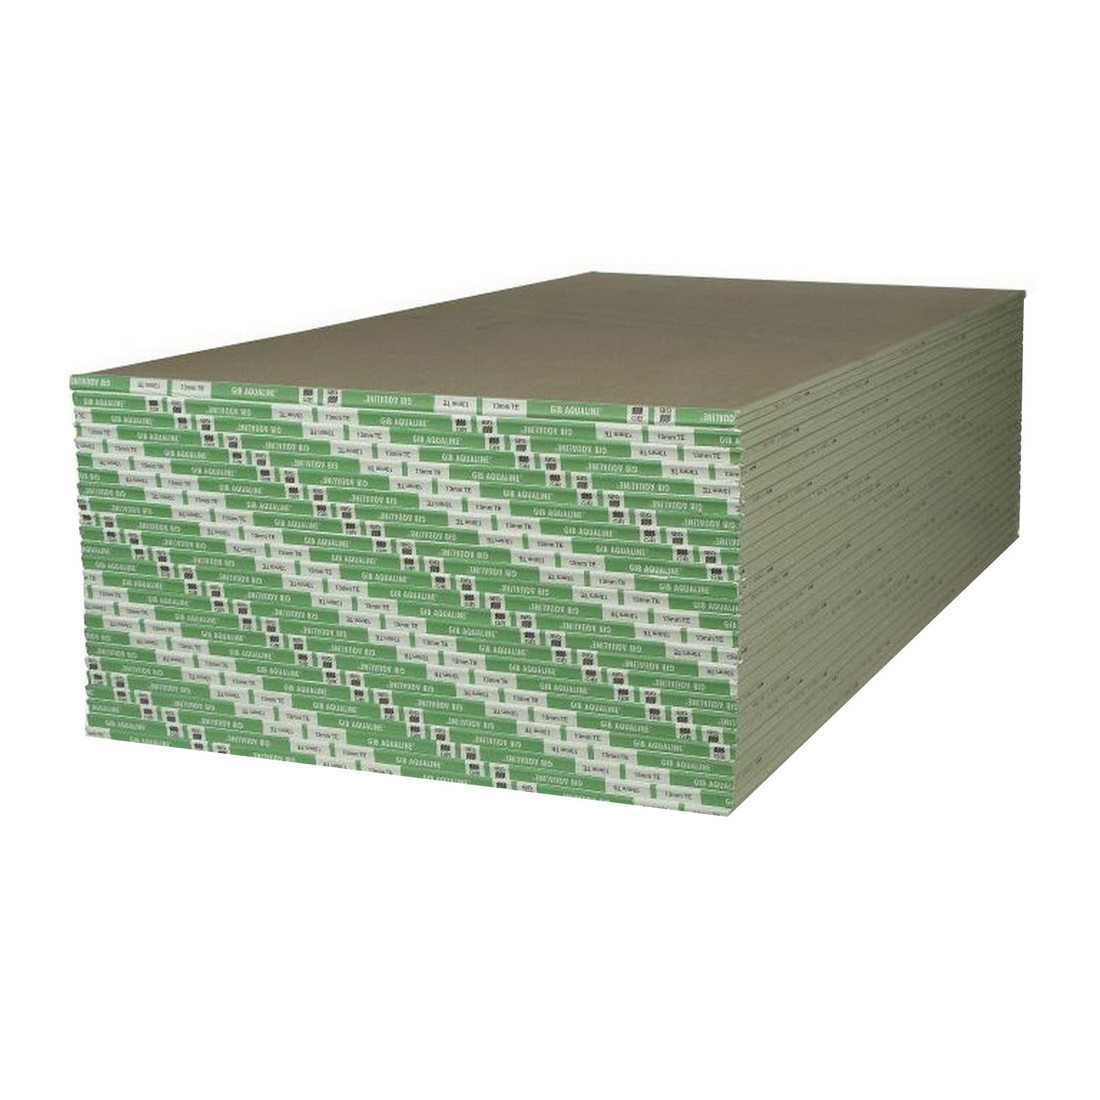 Aqualine Plasterboard 2700 x 1200 x 13mm 12532